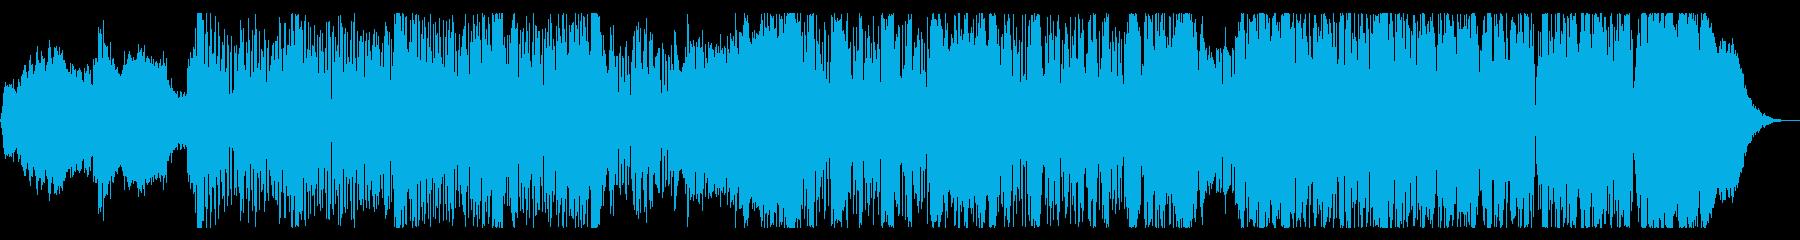 不思議なグリッチIDMの再生済みの波形